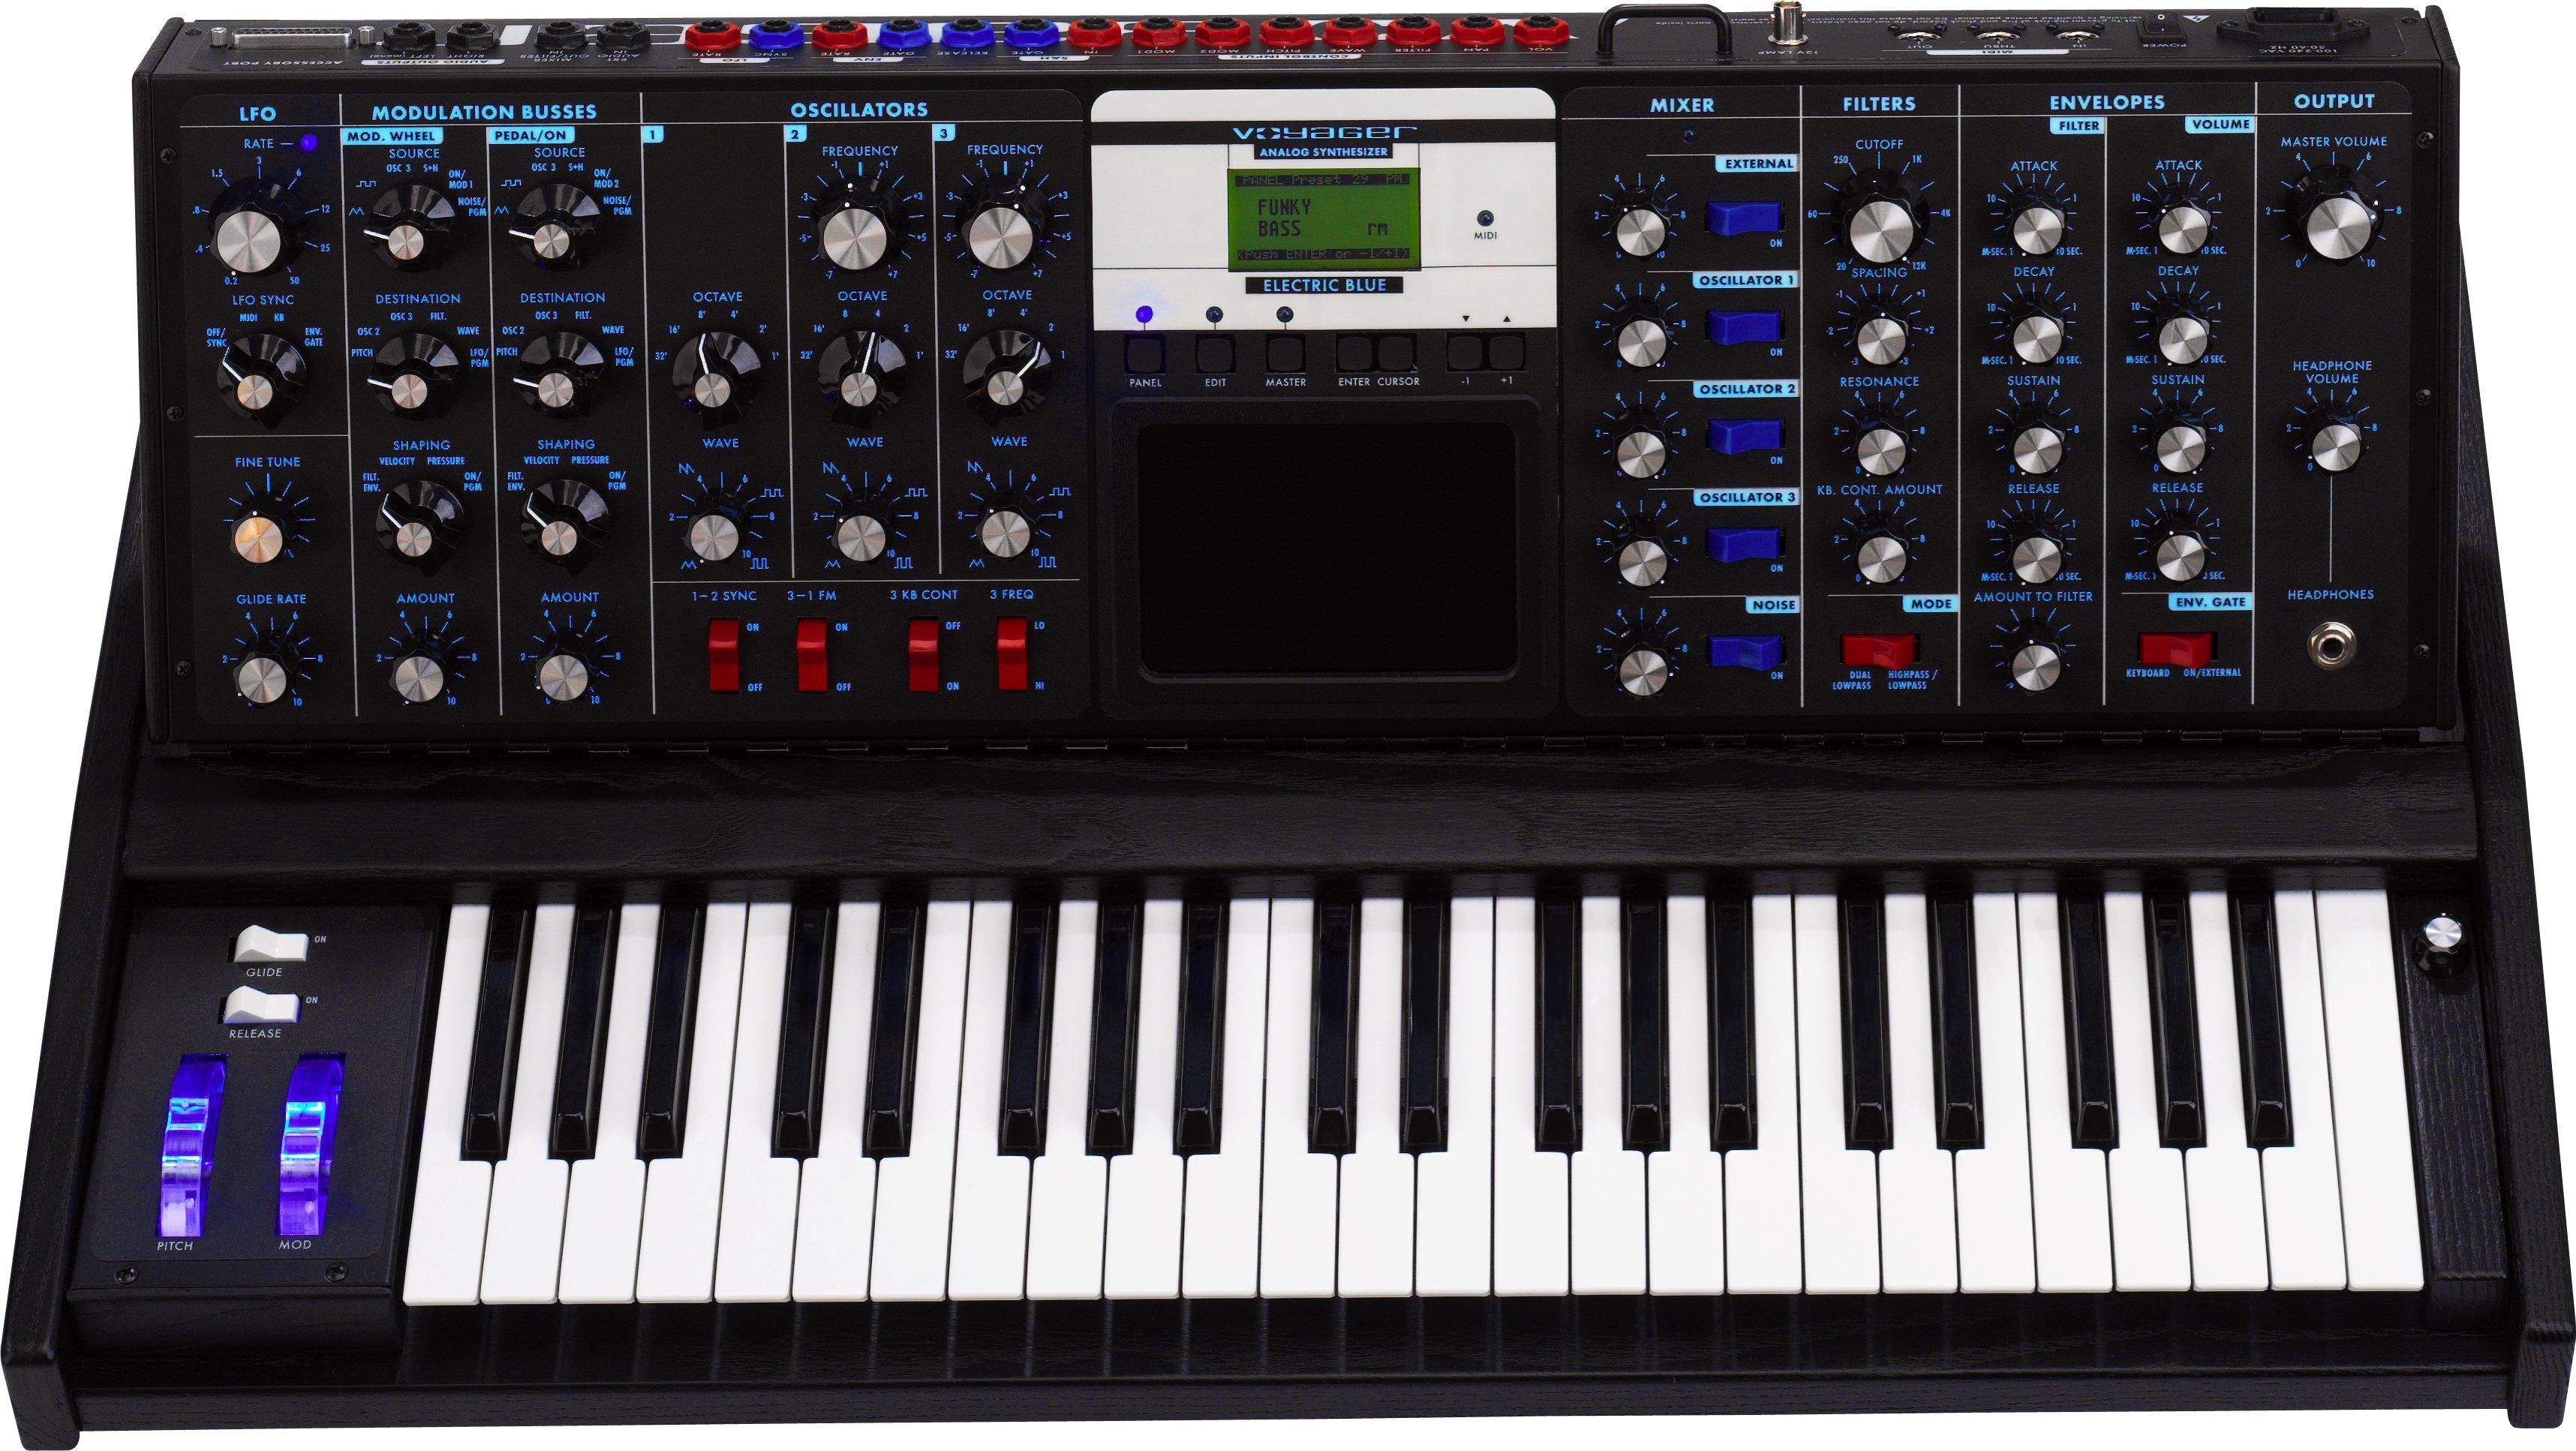 Moog Music Minimoog Voyager Old School image (#551760) - Audiofanzine